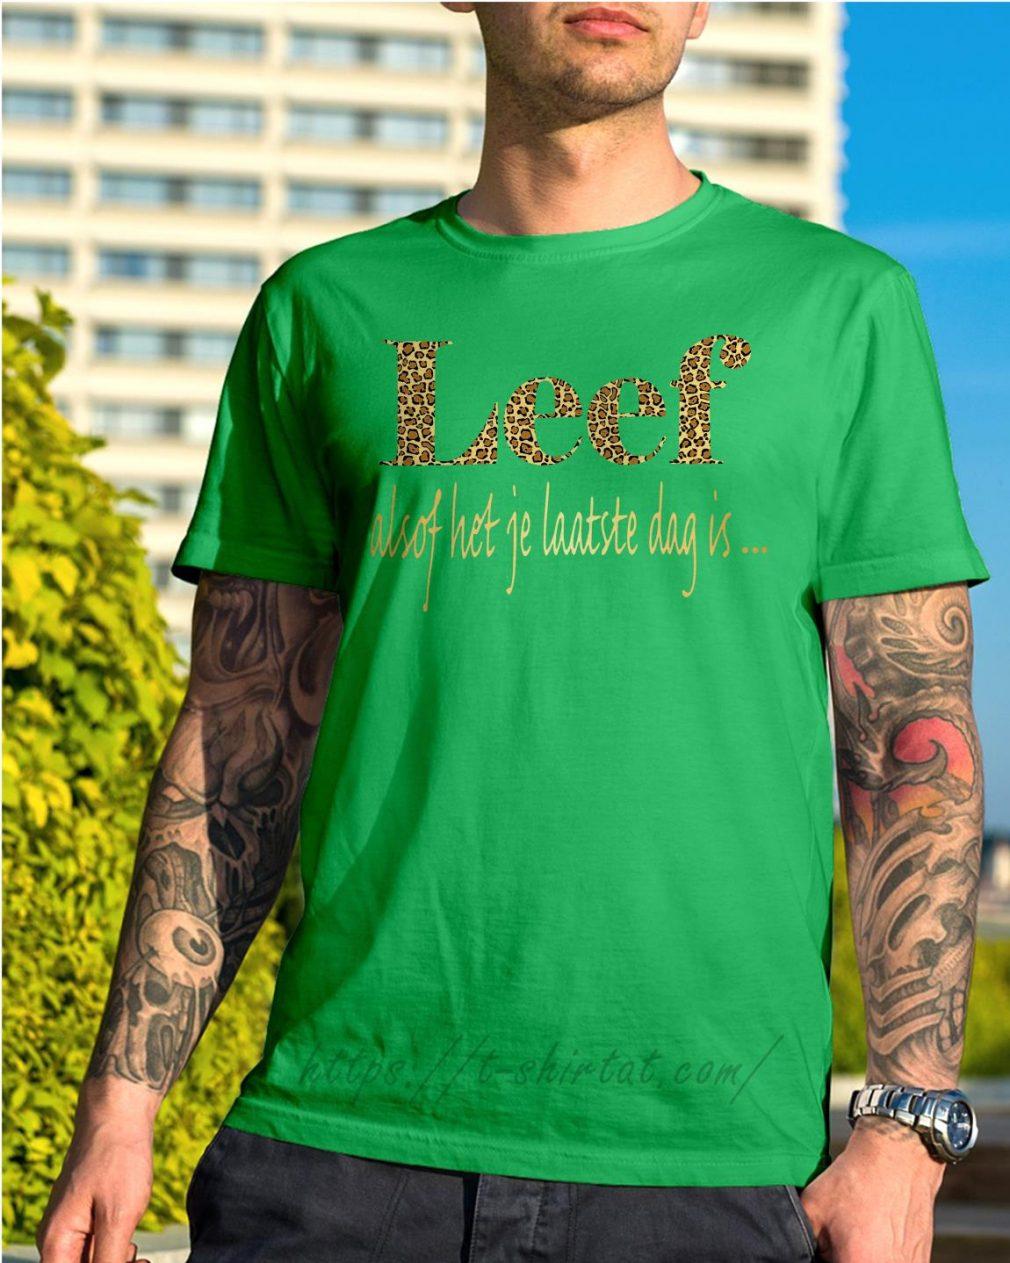 Leef alsof het je laatste dag is Shirt green